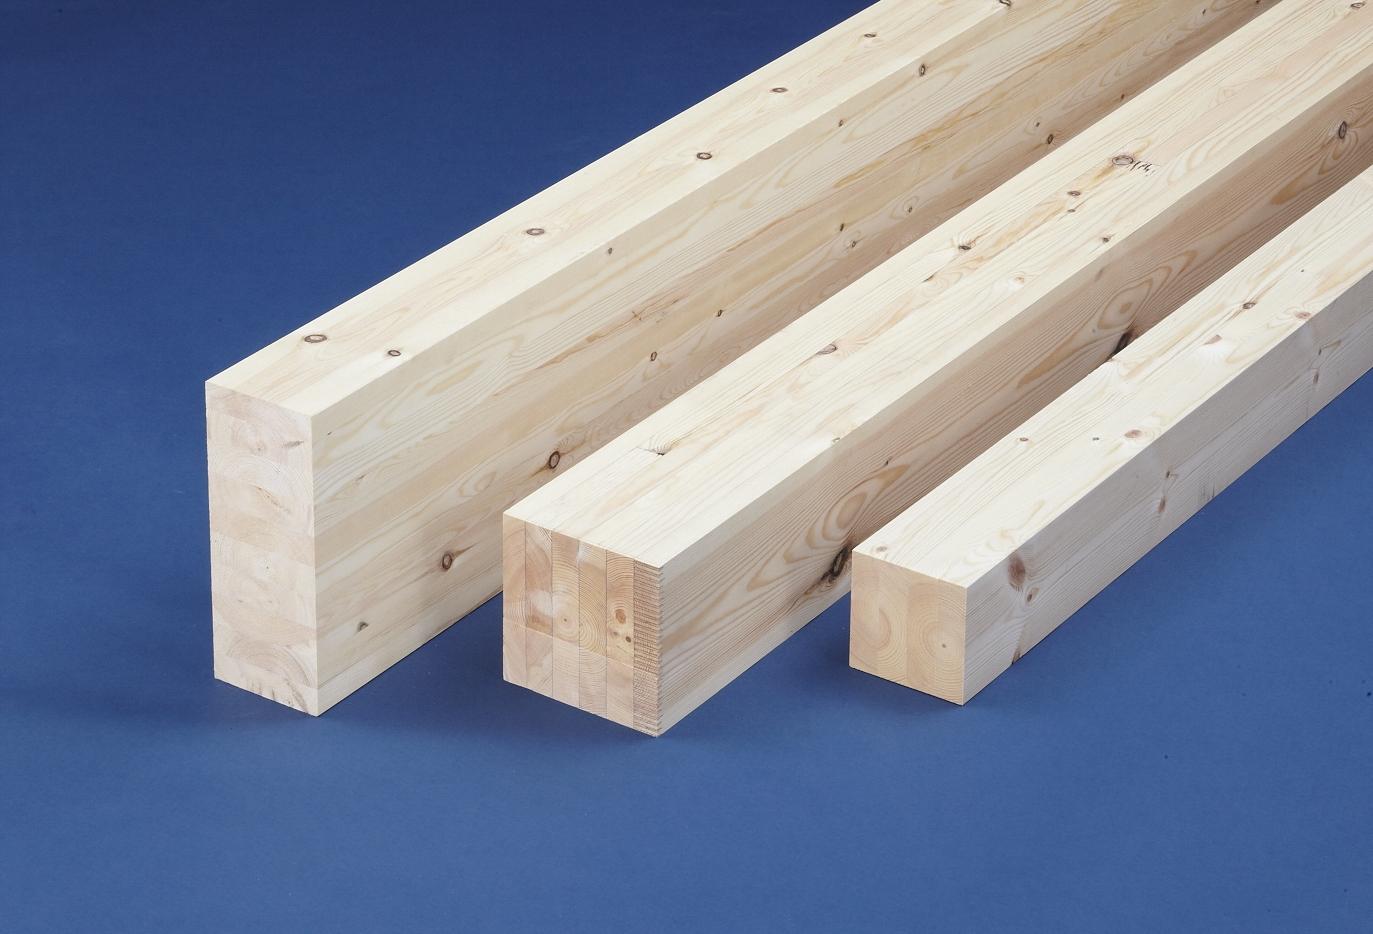 SE構法の構造合理性を発揮できる170mm角の柱